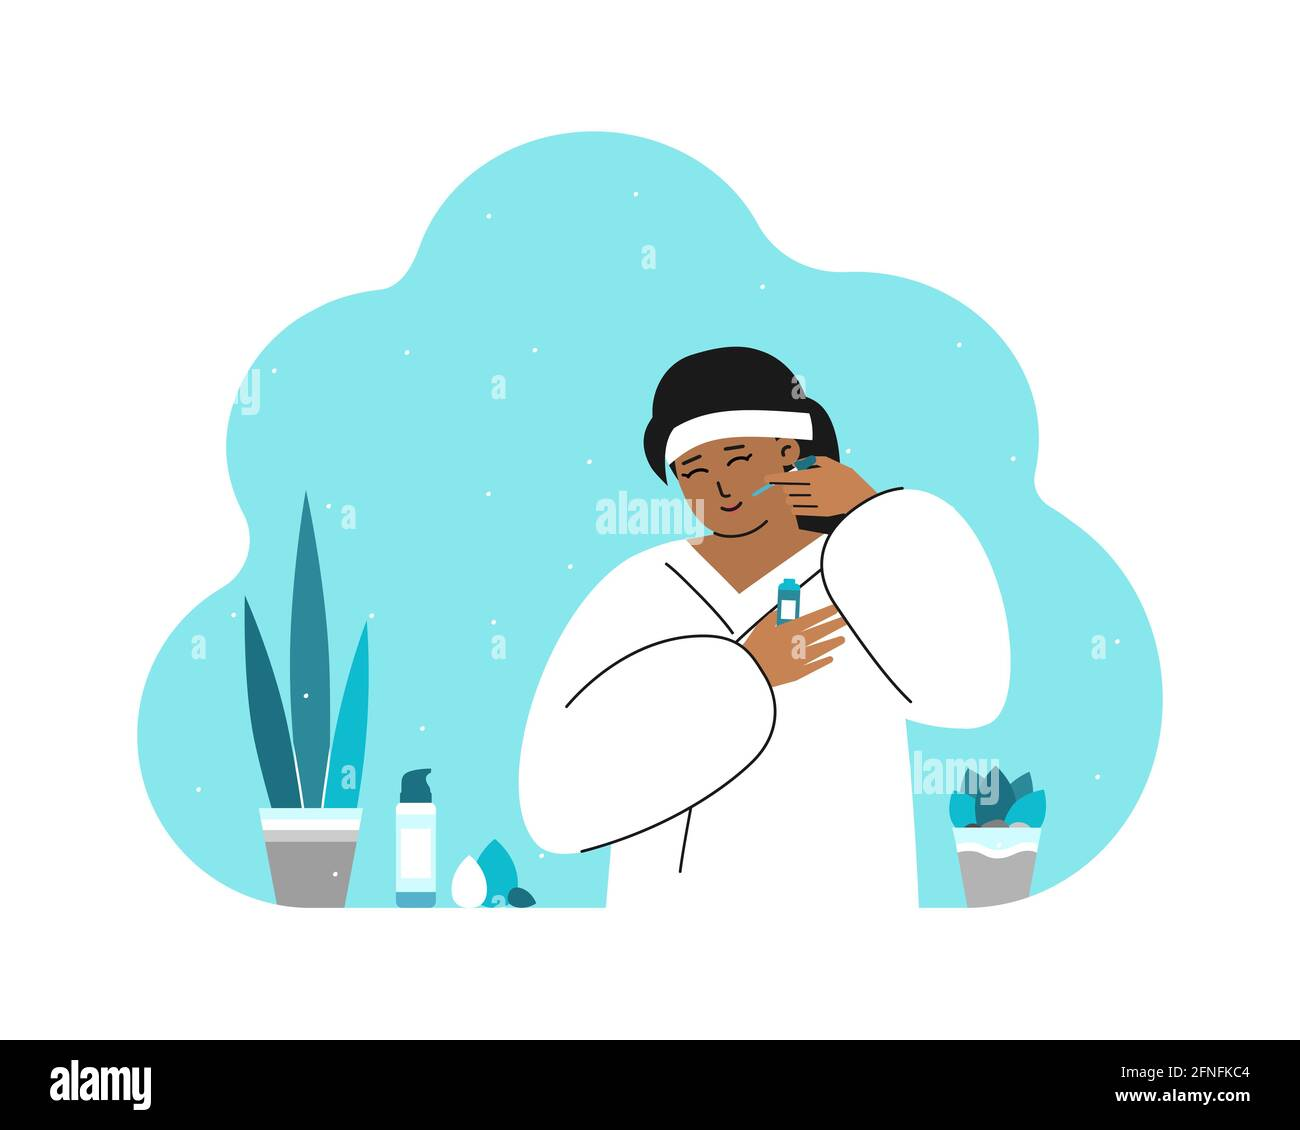 Concept Vector Flat isolé avec jolie femme asiatique dans la salle de bains, portant un peignoir blanc et utilisant des produits cosmétiques. Routine quotidienne de soin de la peau. Kore Illustration de Vecteur